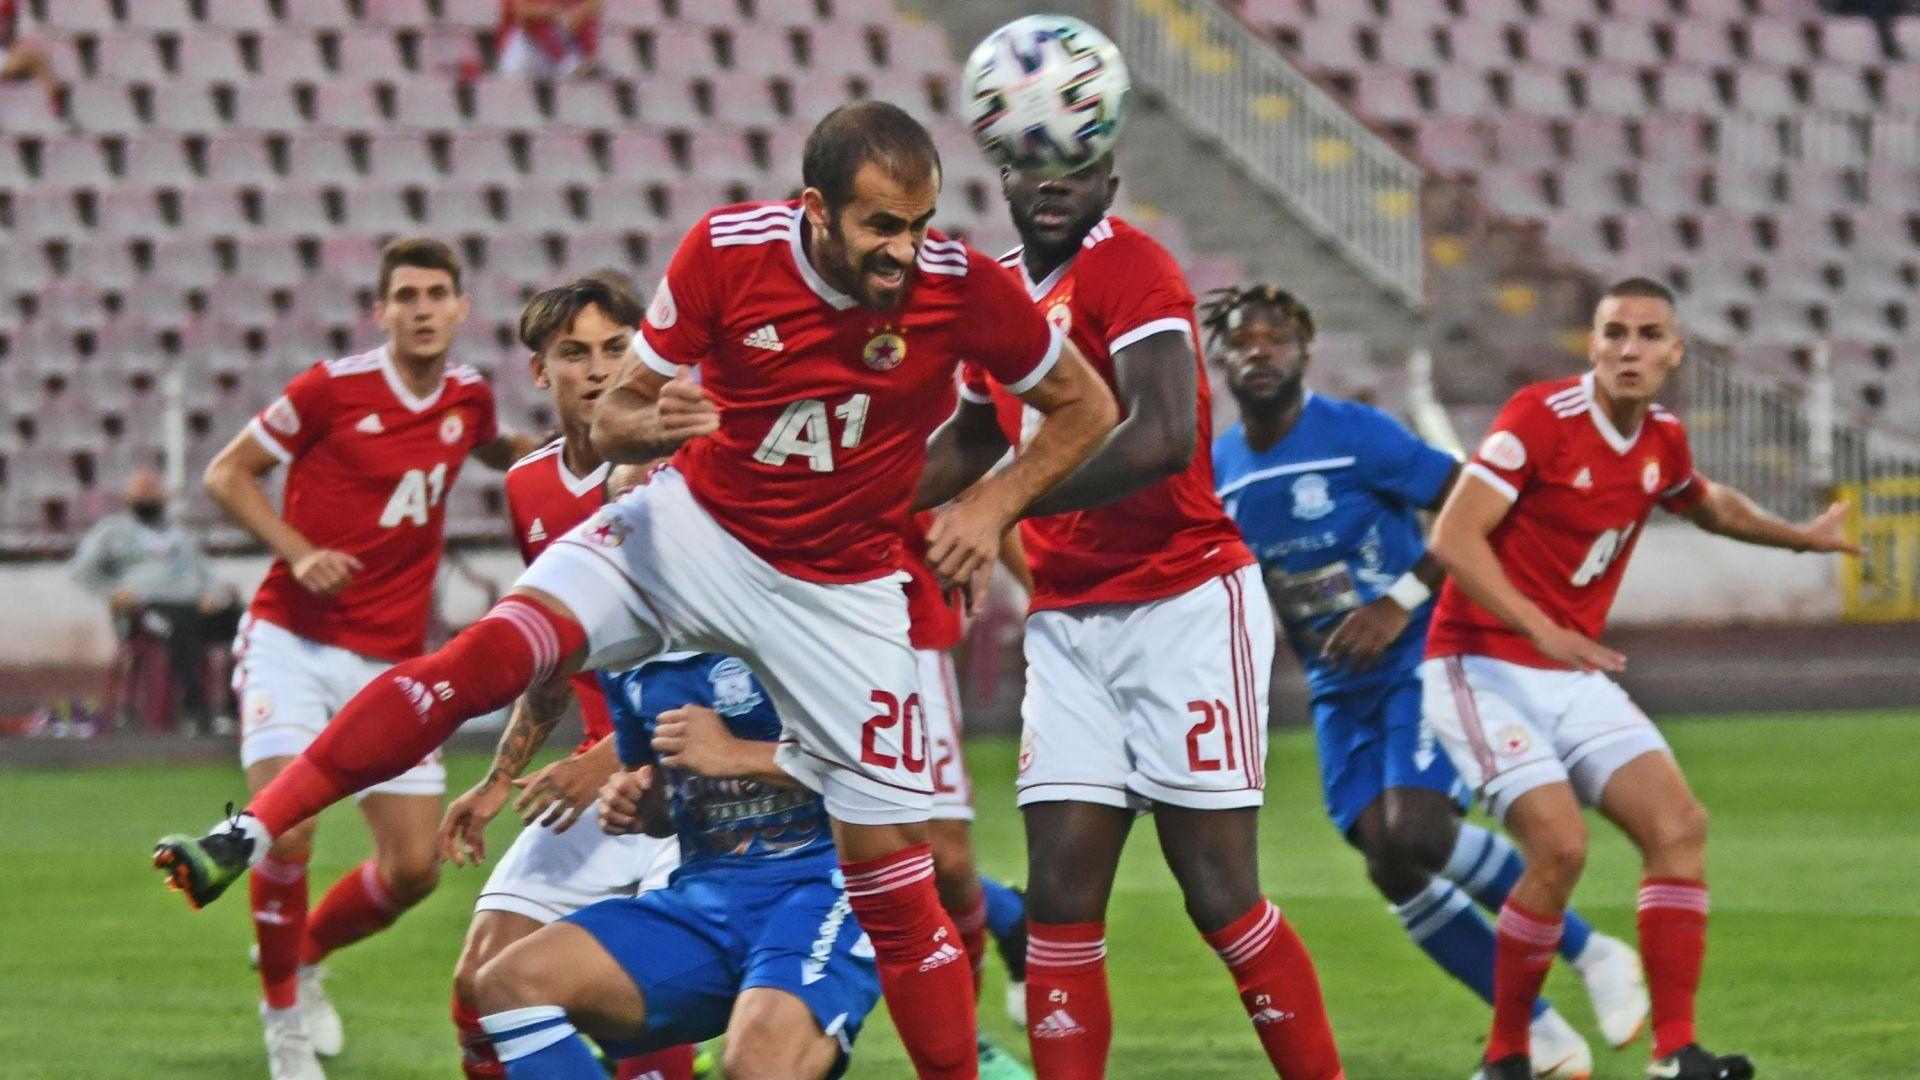 Съдбата пак намигна на ЦСКА - отбор от Фарьорските острови го чака при успех днес